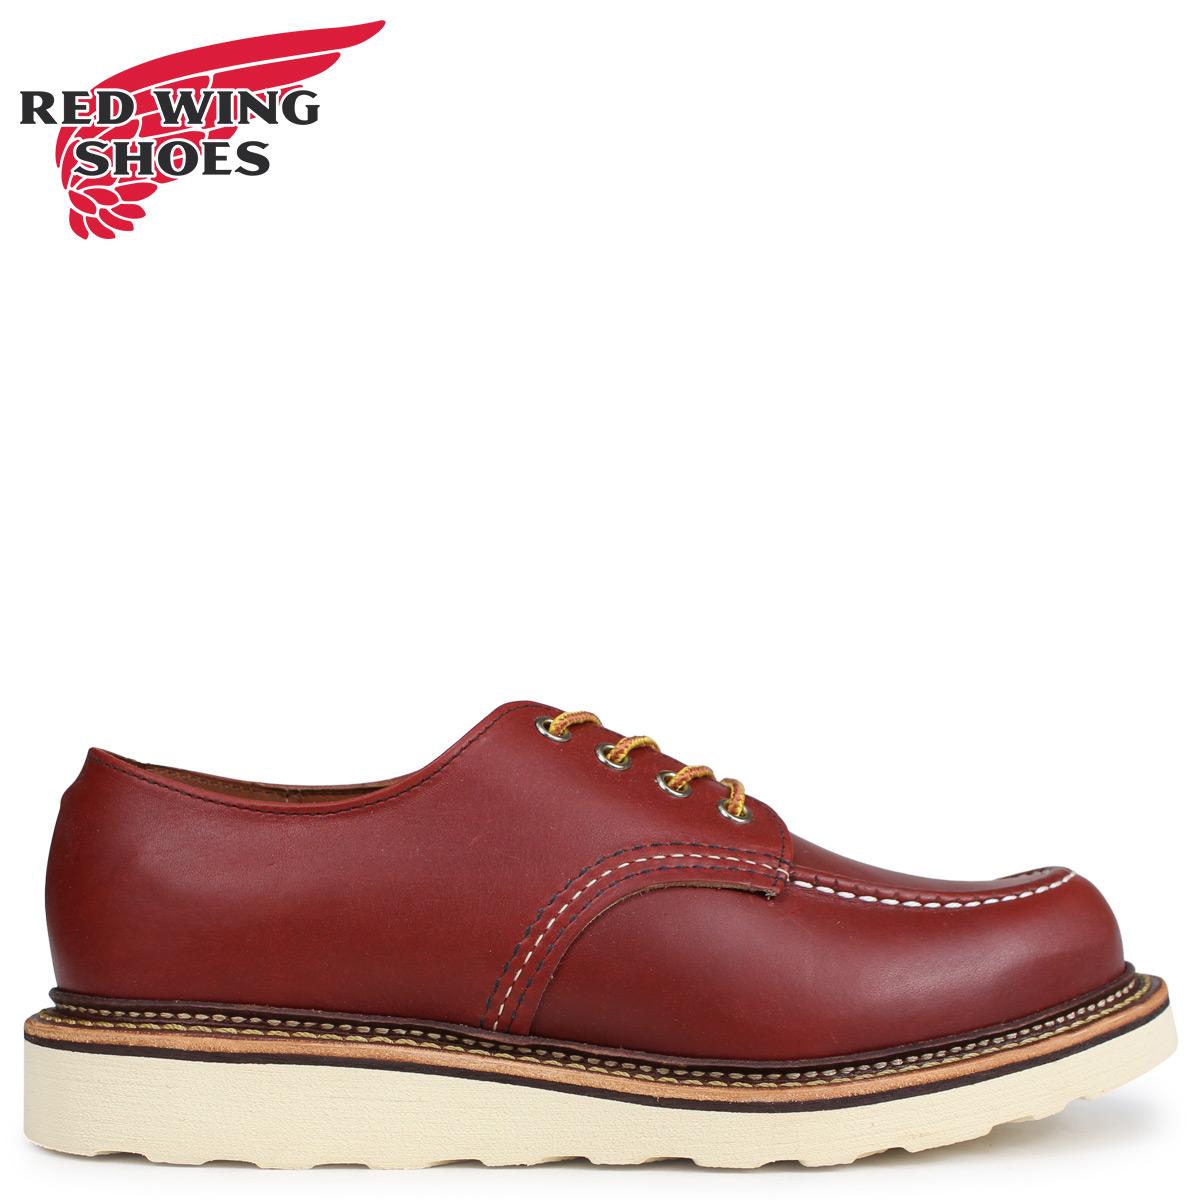 RED WING レッドウィング オックスフォード シューズ クラシック メンズ CLASSIC OXFORD Dワイズ ブラウン 8103